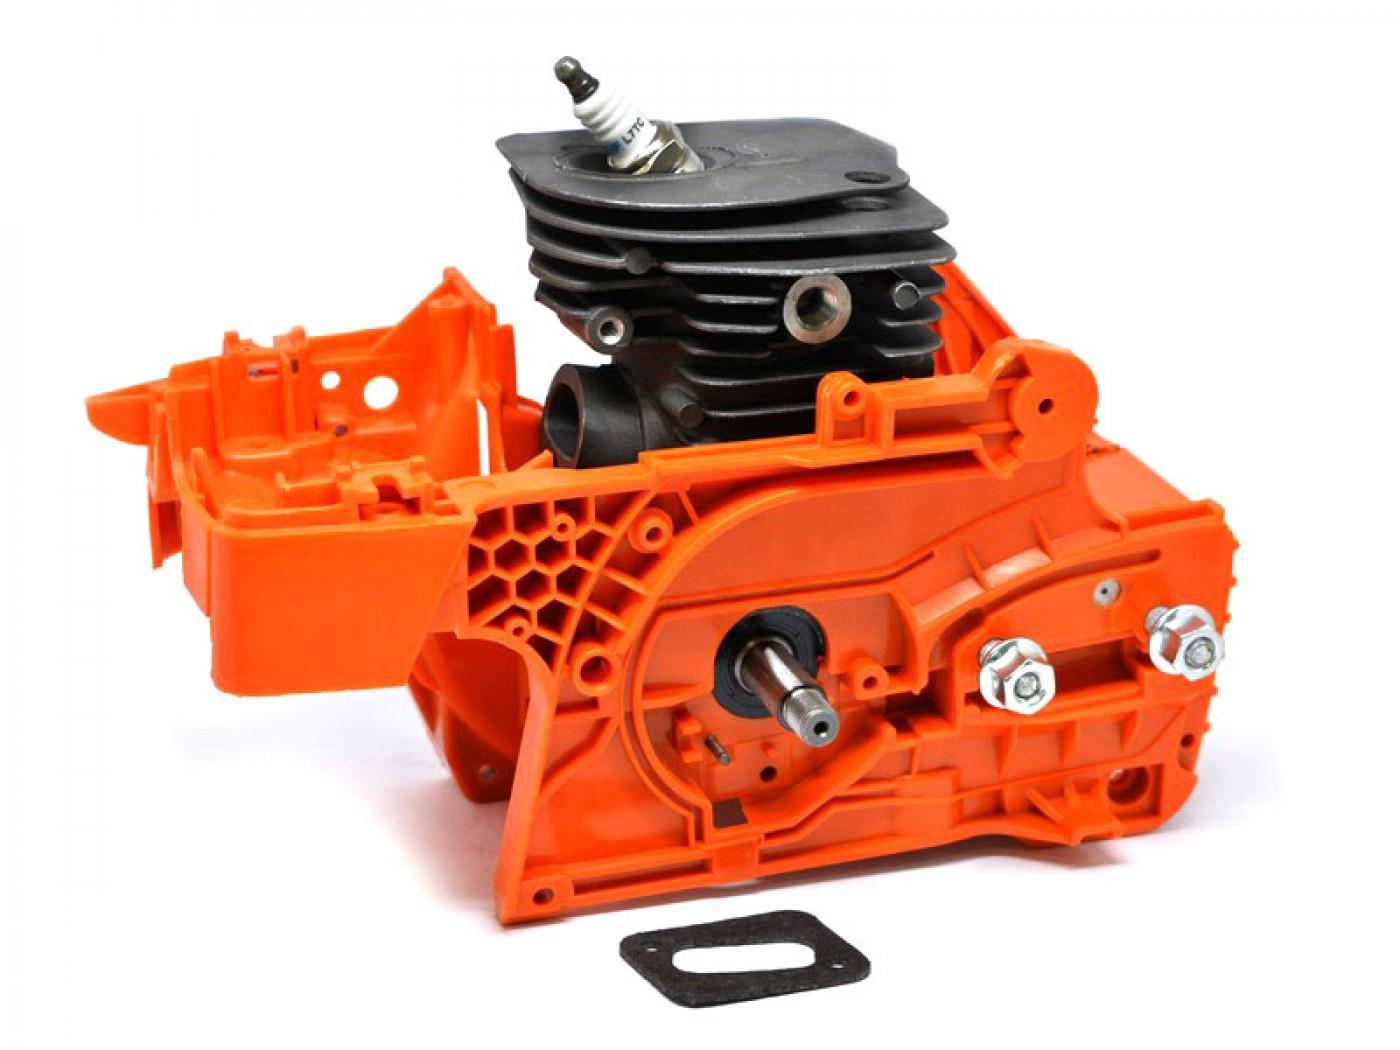 Motor Husqvarna 345 + kliková skříň AKČNÍ CENA ušetříte 1500 Kč